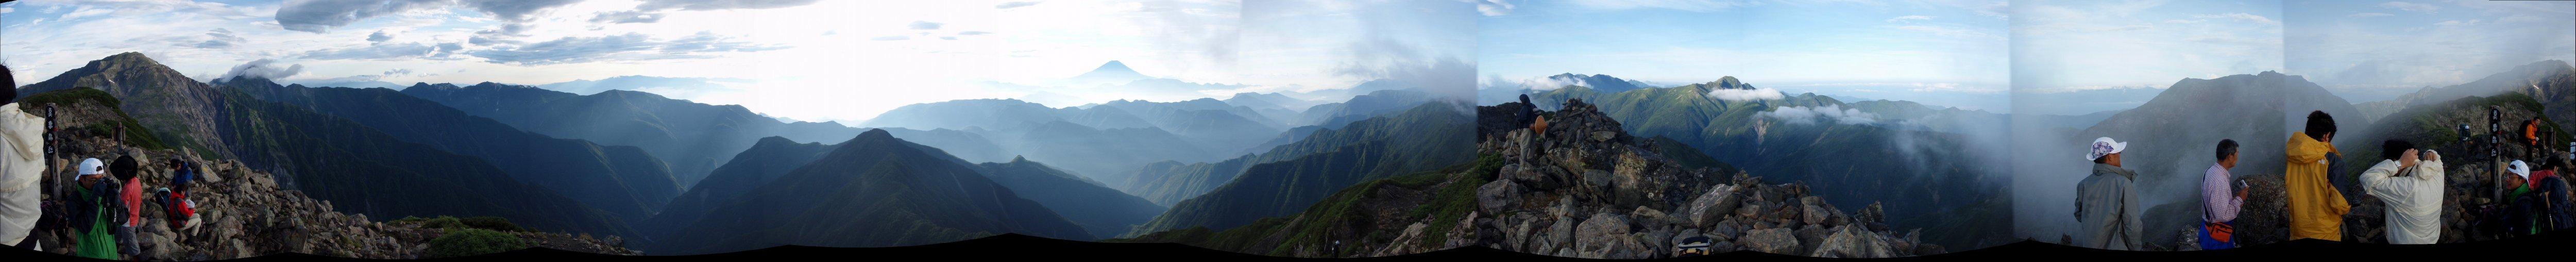 農鳥岳からのパノラマ(クリックで拡大)